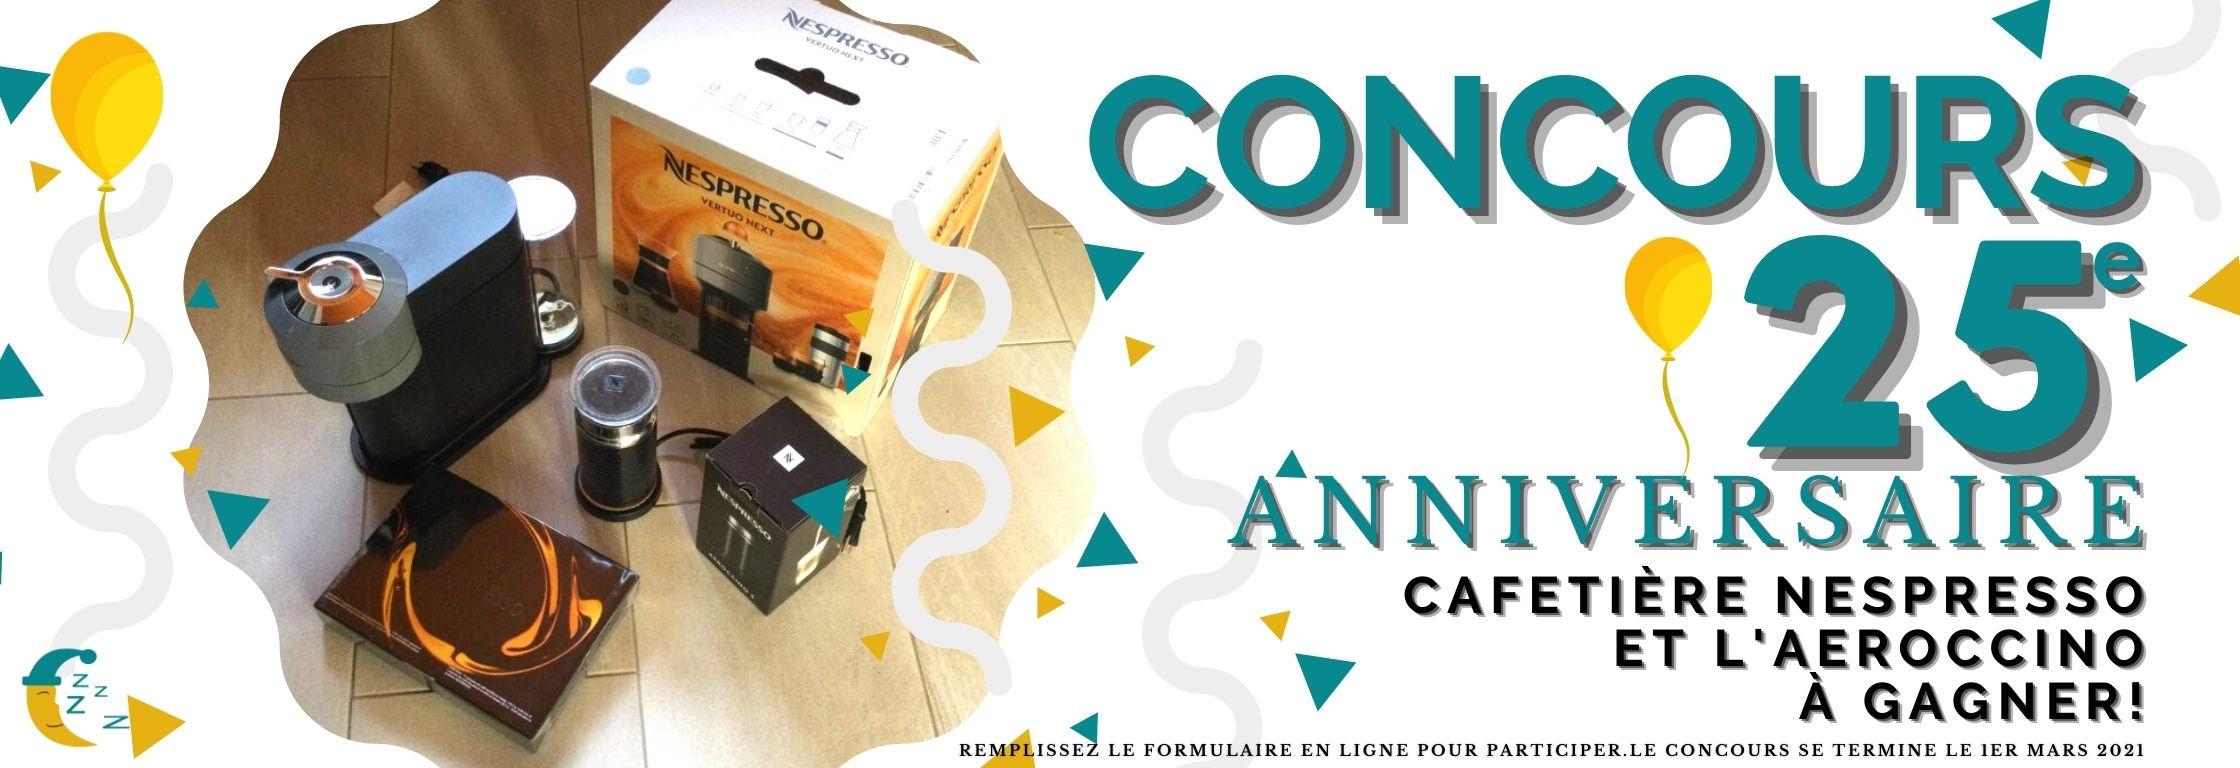 Bannière- Concours - Cafetière Nespresso et mousseur à lait Aeroccino à gagner - Pro-Médic Joliette - TIRAGE 1er mars 2020